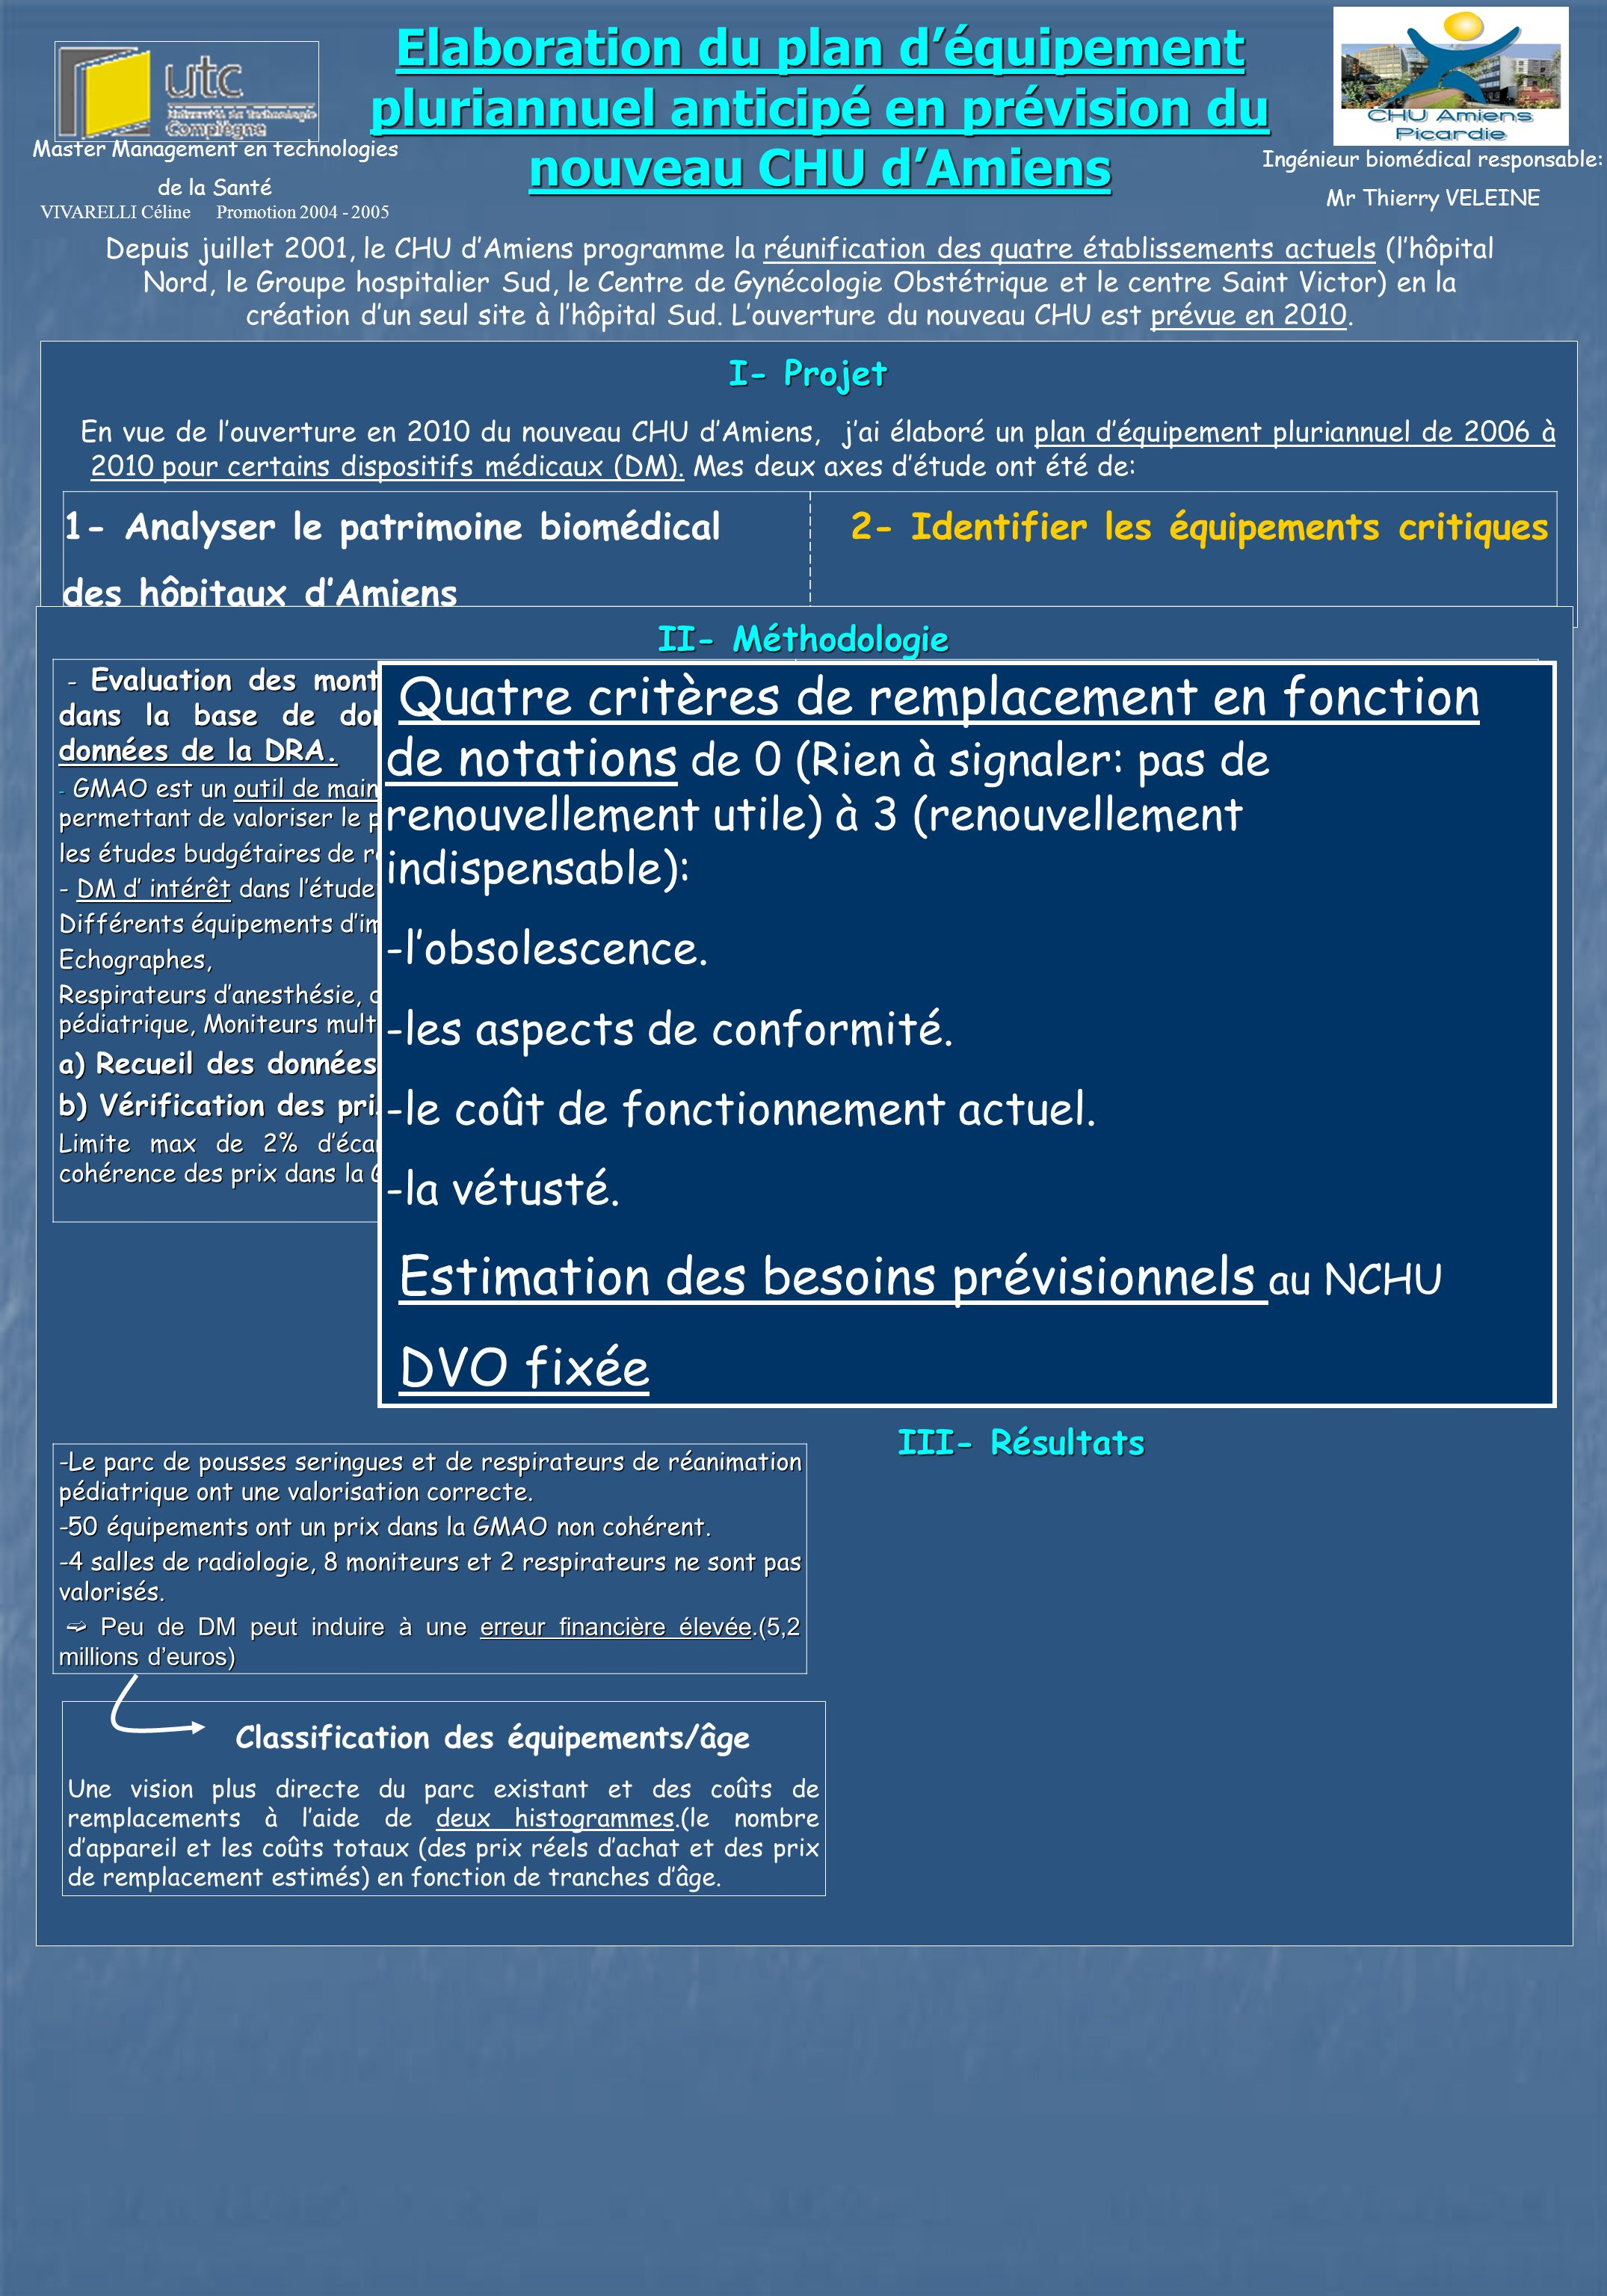 Elaboration du plan déquipement pluriannuel anticipé en prévision du nouveau CHU dAmiens Depuis juillet 2001, le CHU dAmiens programme la réunificatio